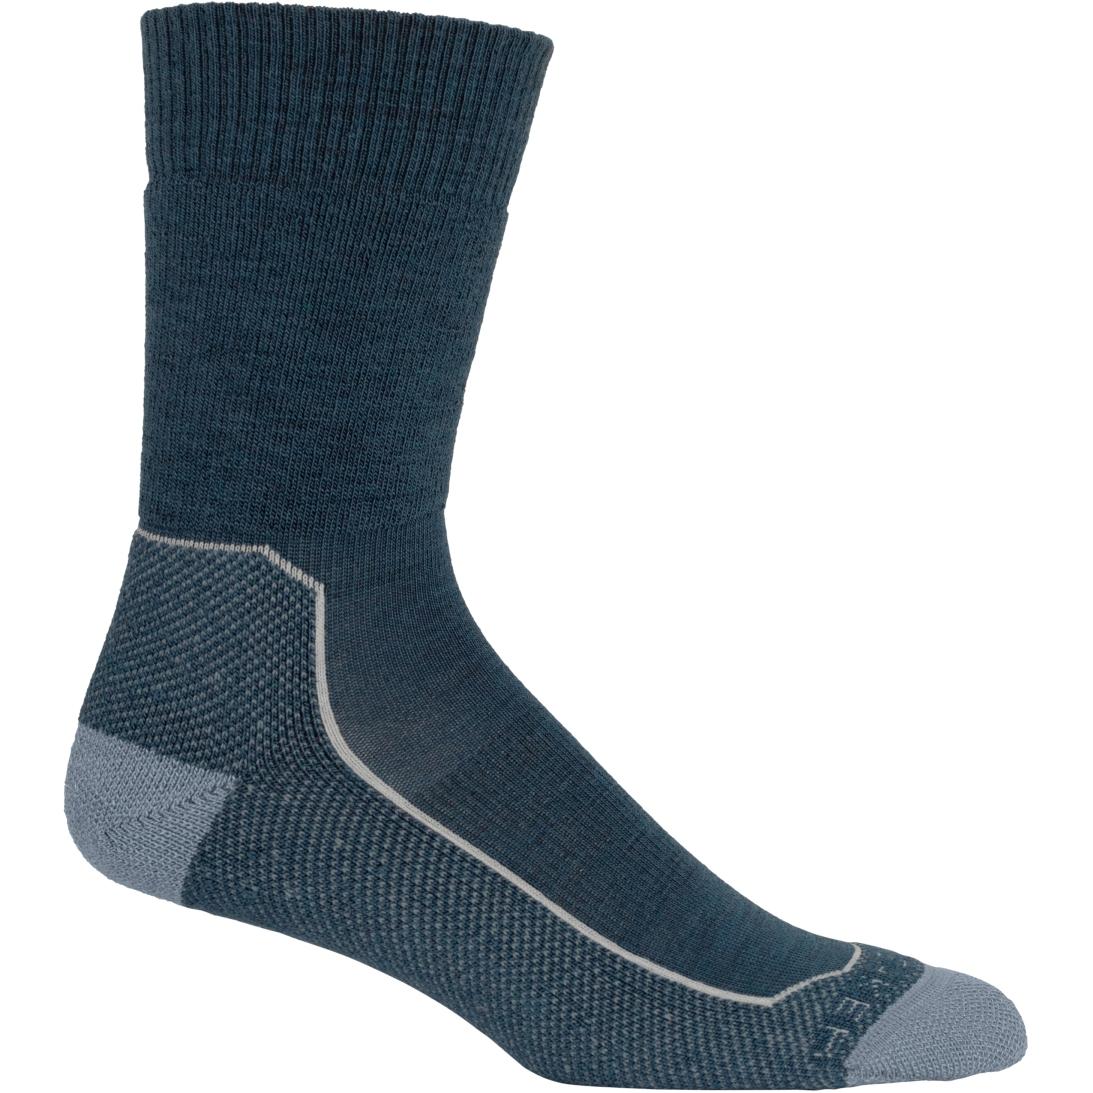 Produktbild von Icebreaker Hike+ Medium Crew Damen Socken - Serene Blue